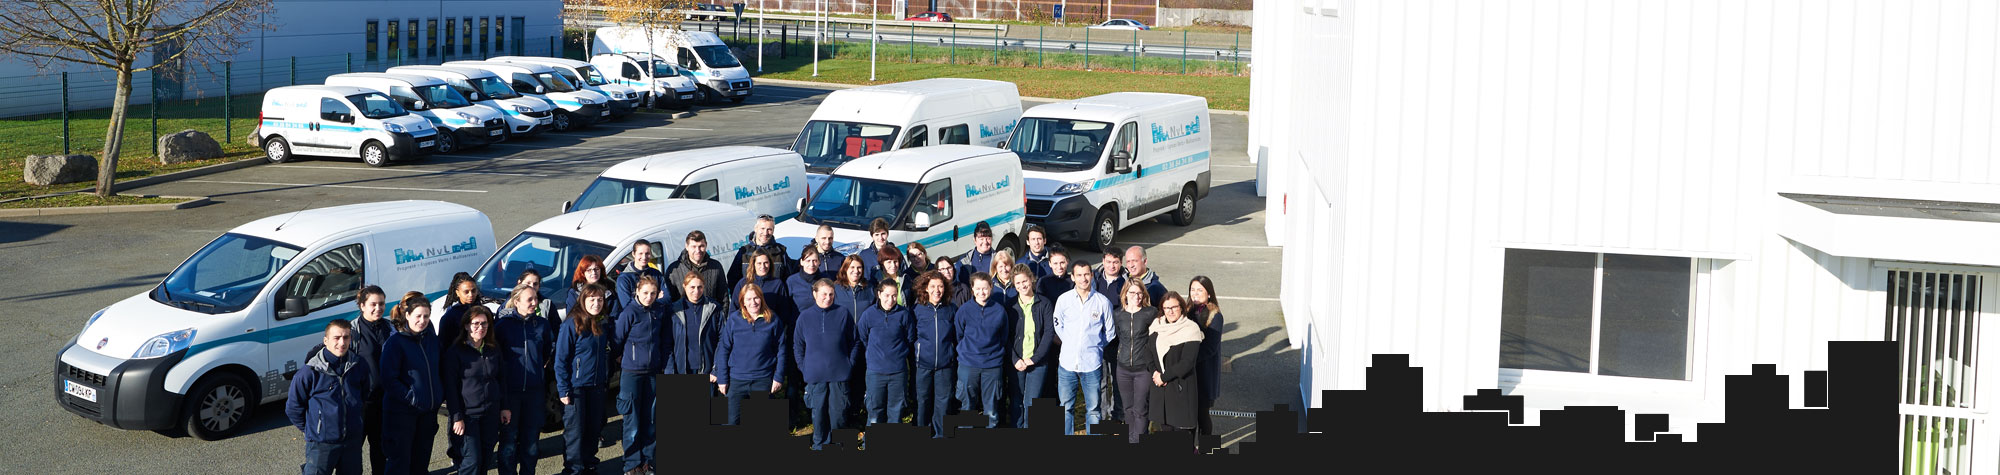 L'équipe NVL et sa flotte de véhicules